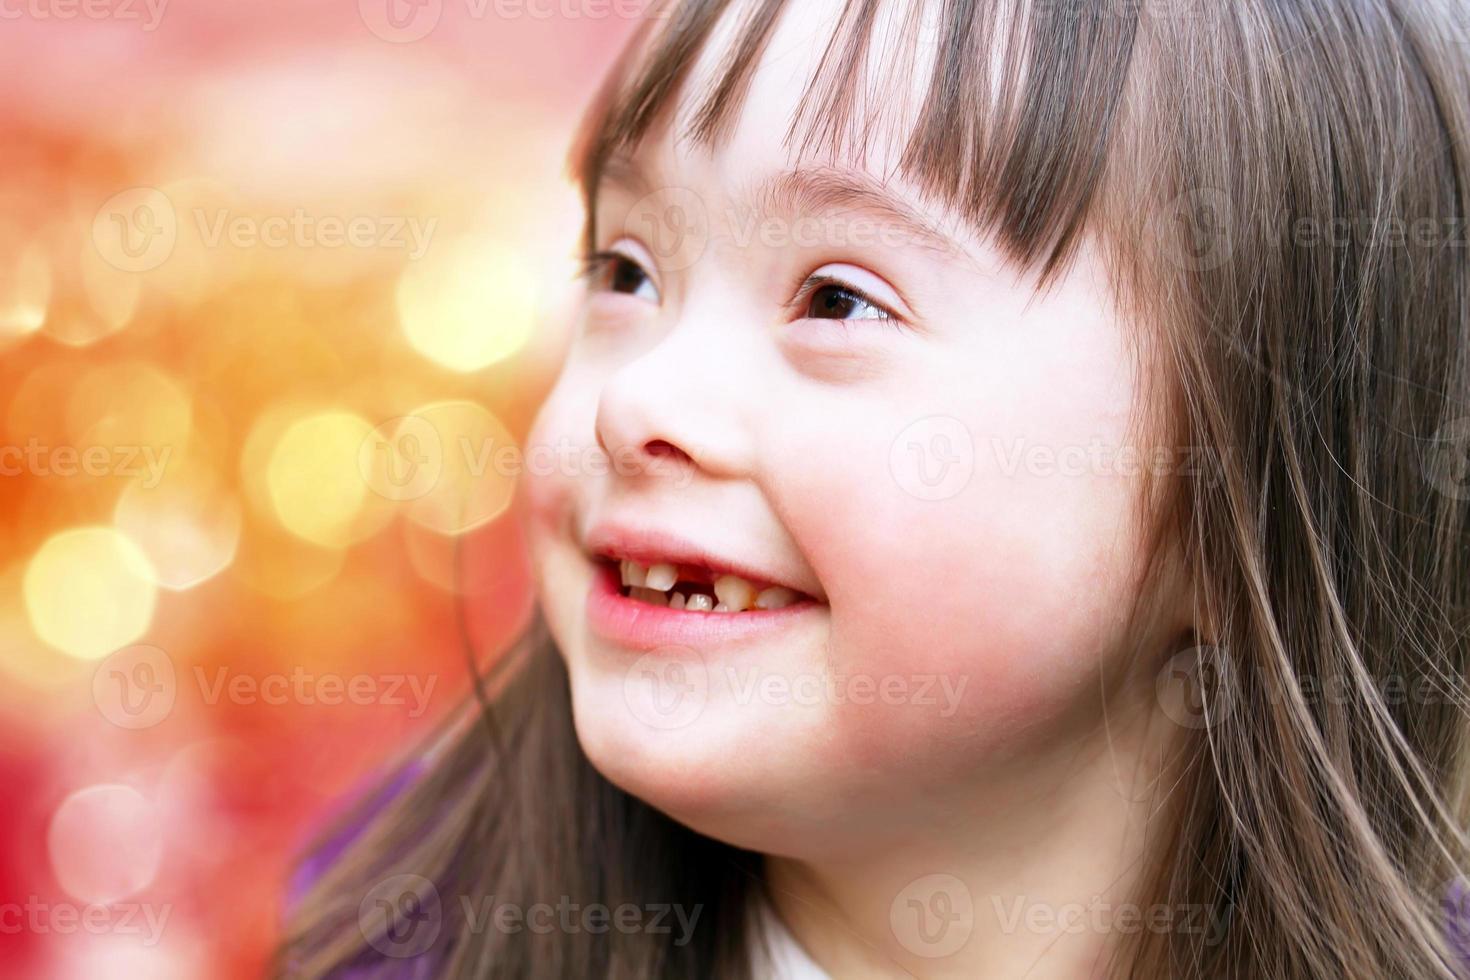 niña sonriente con luces en bakground foto